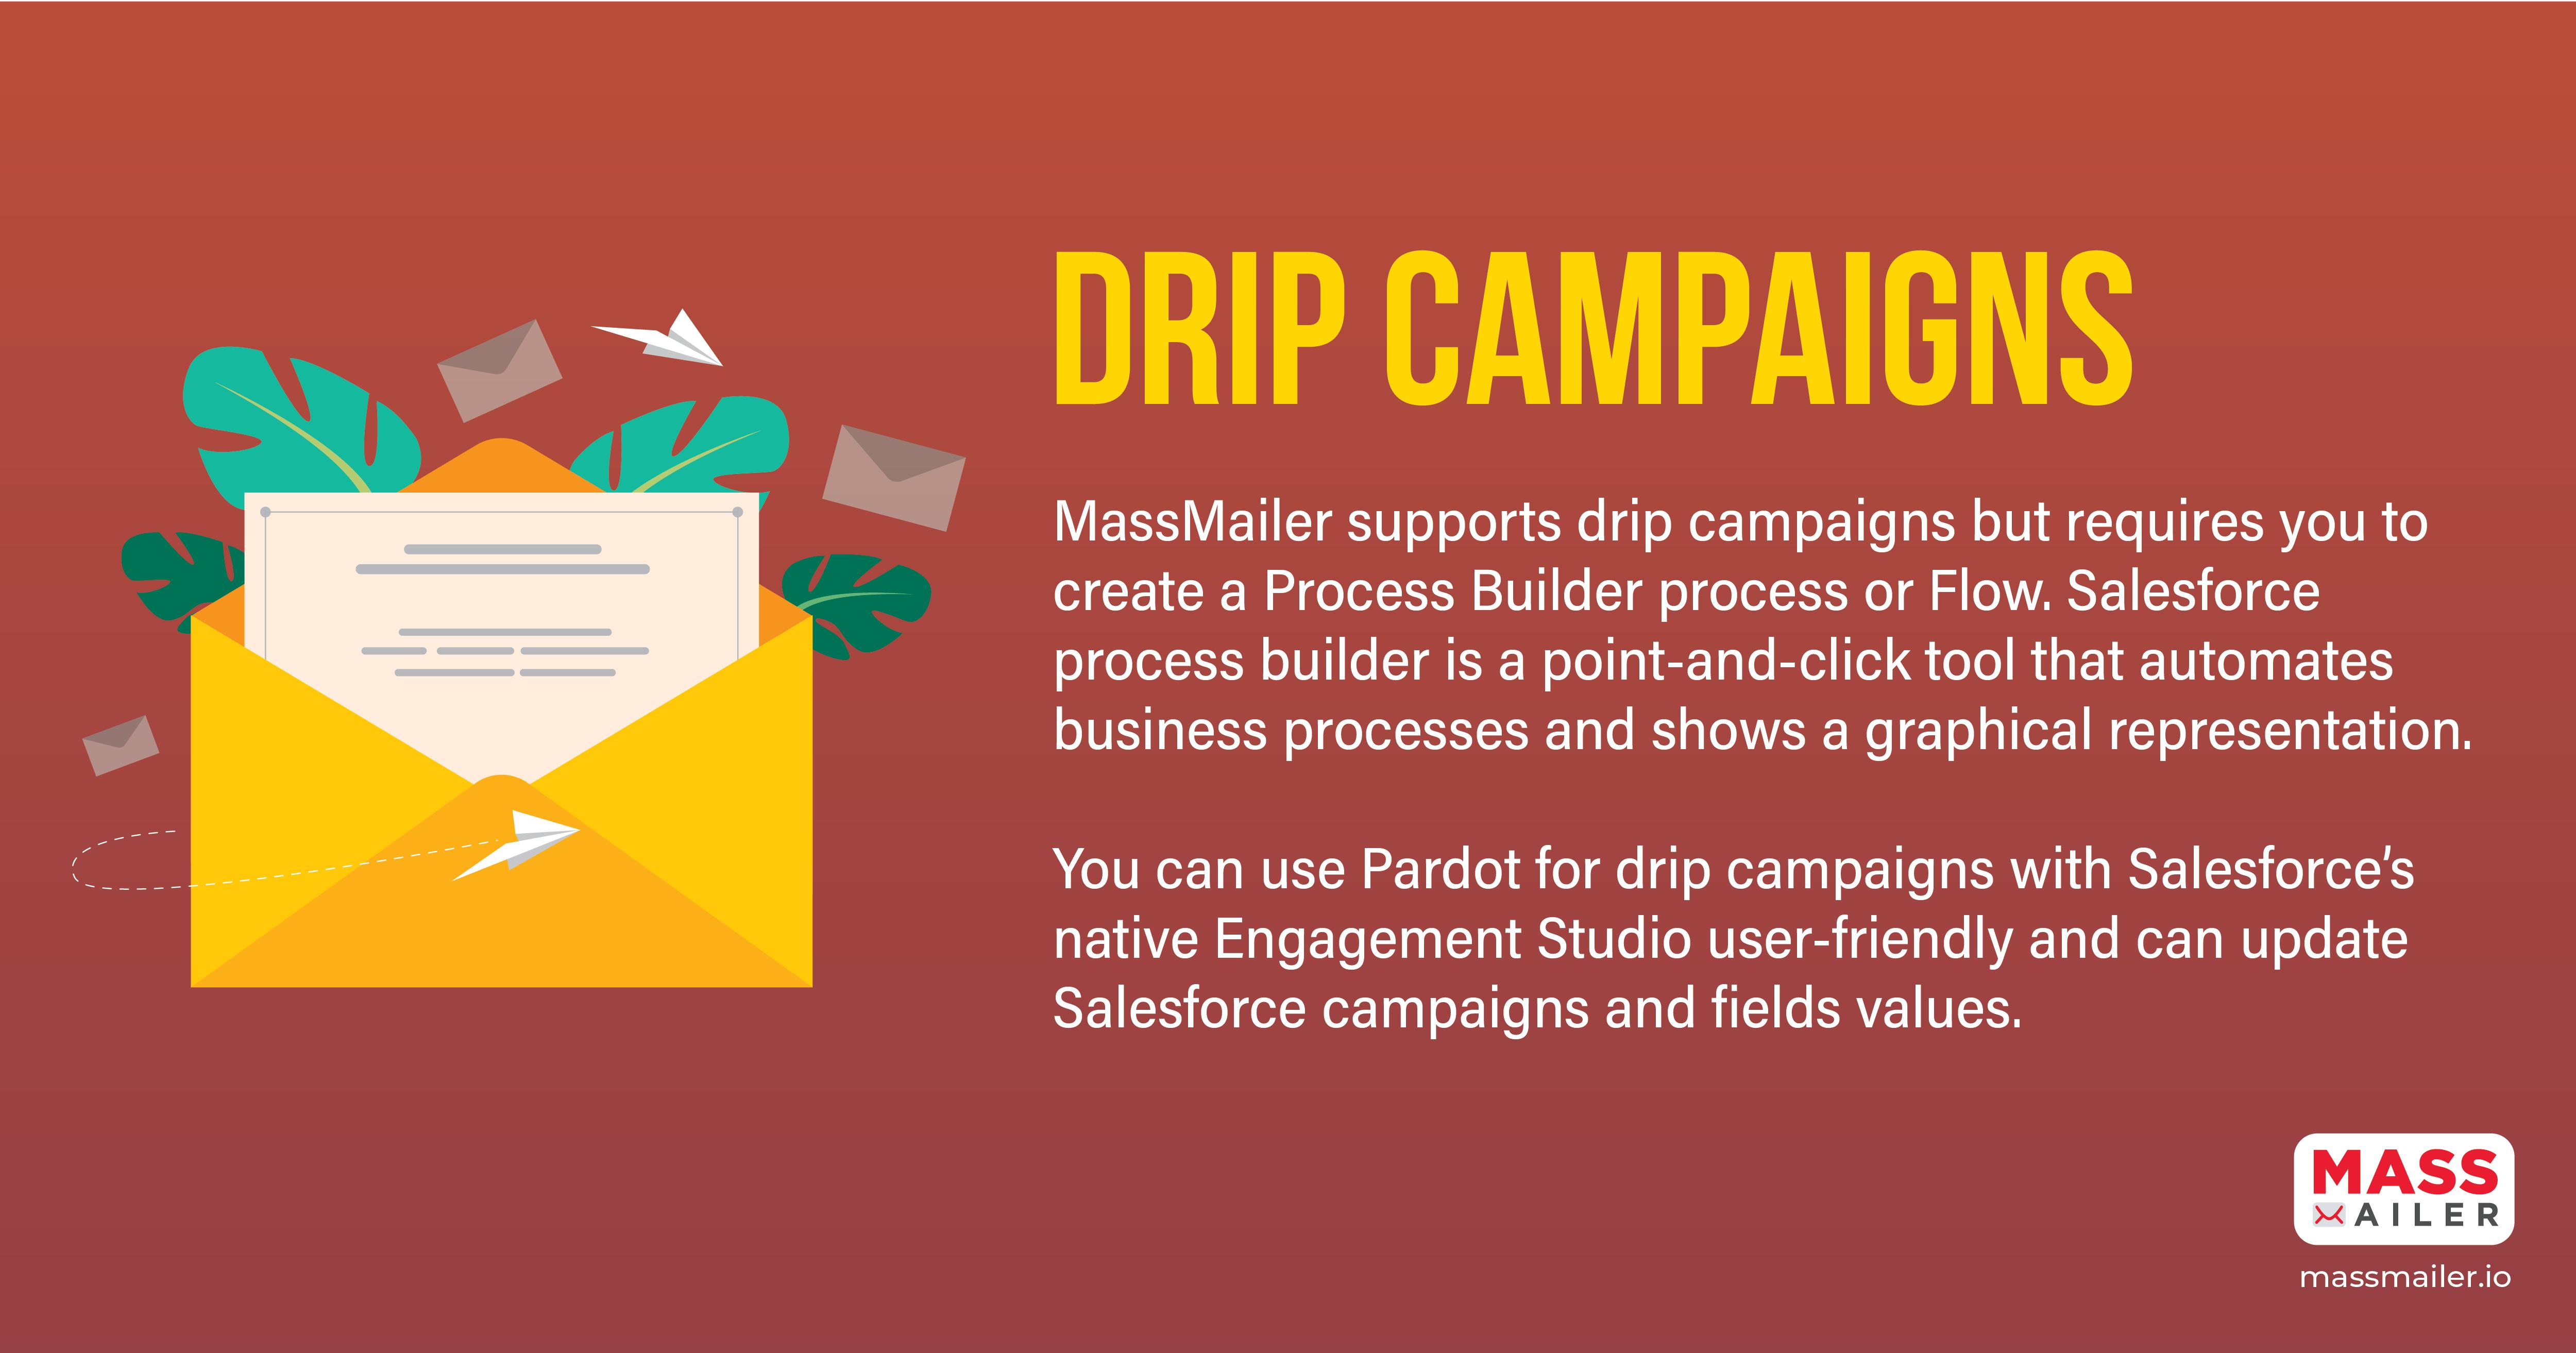 MassMailer vs Pardot - Drip Campaigns